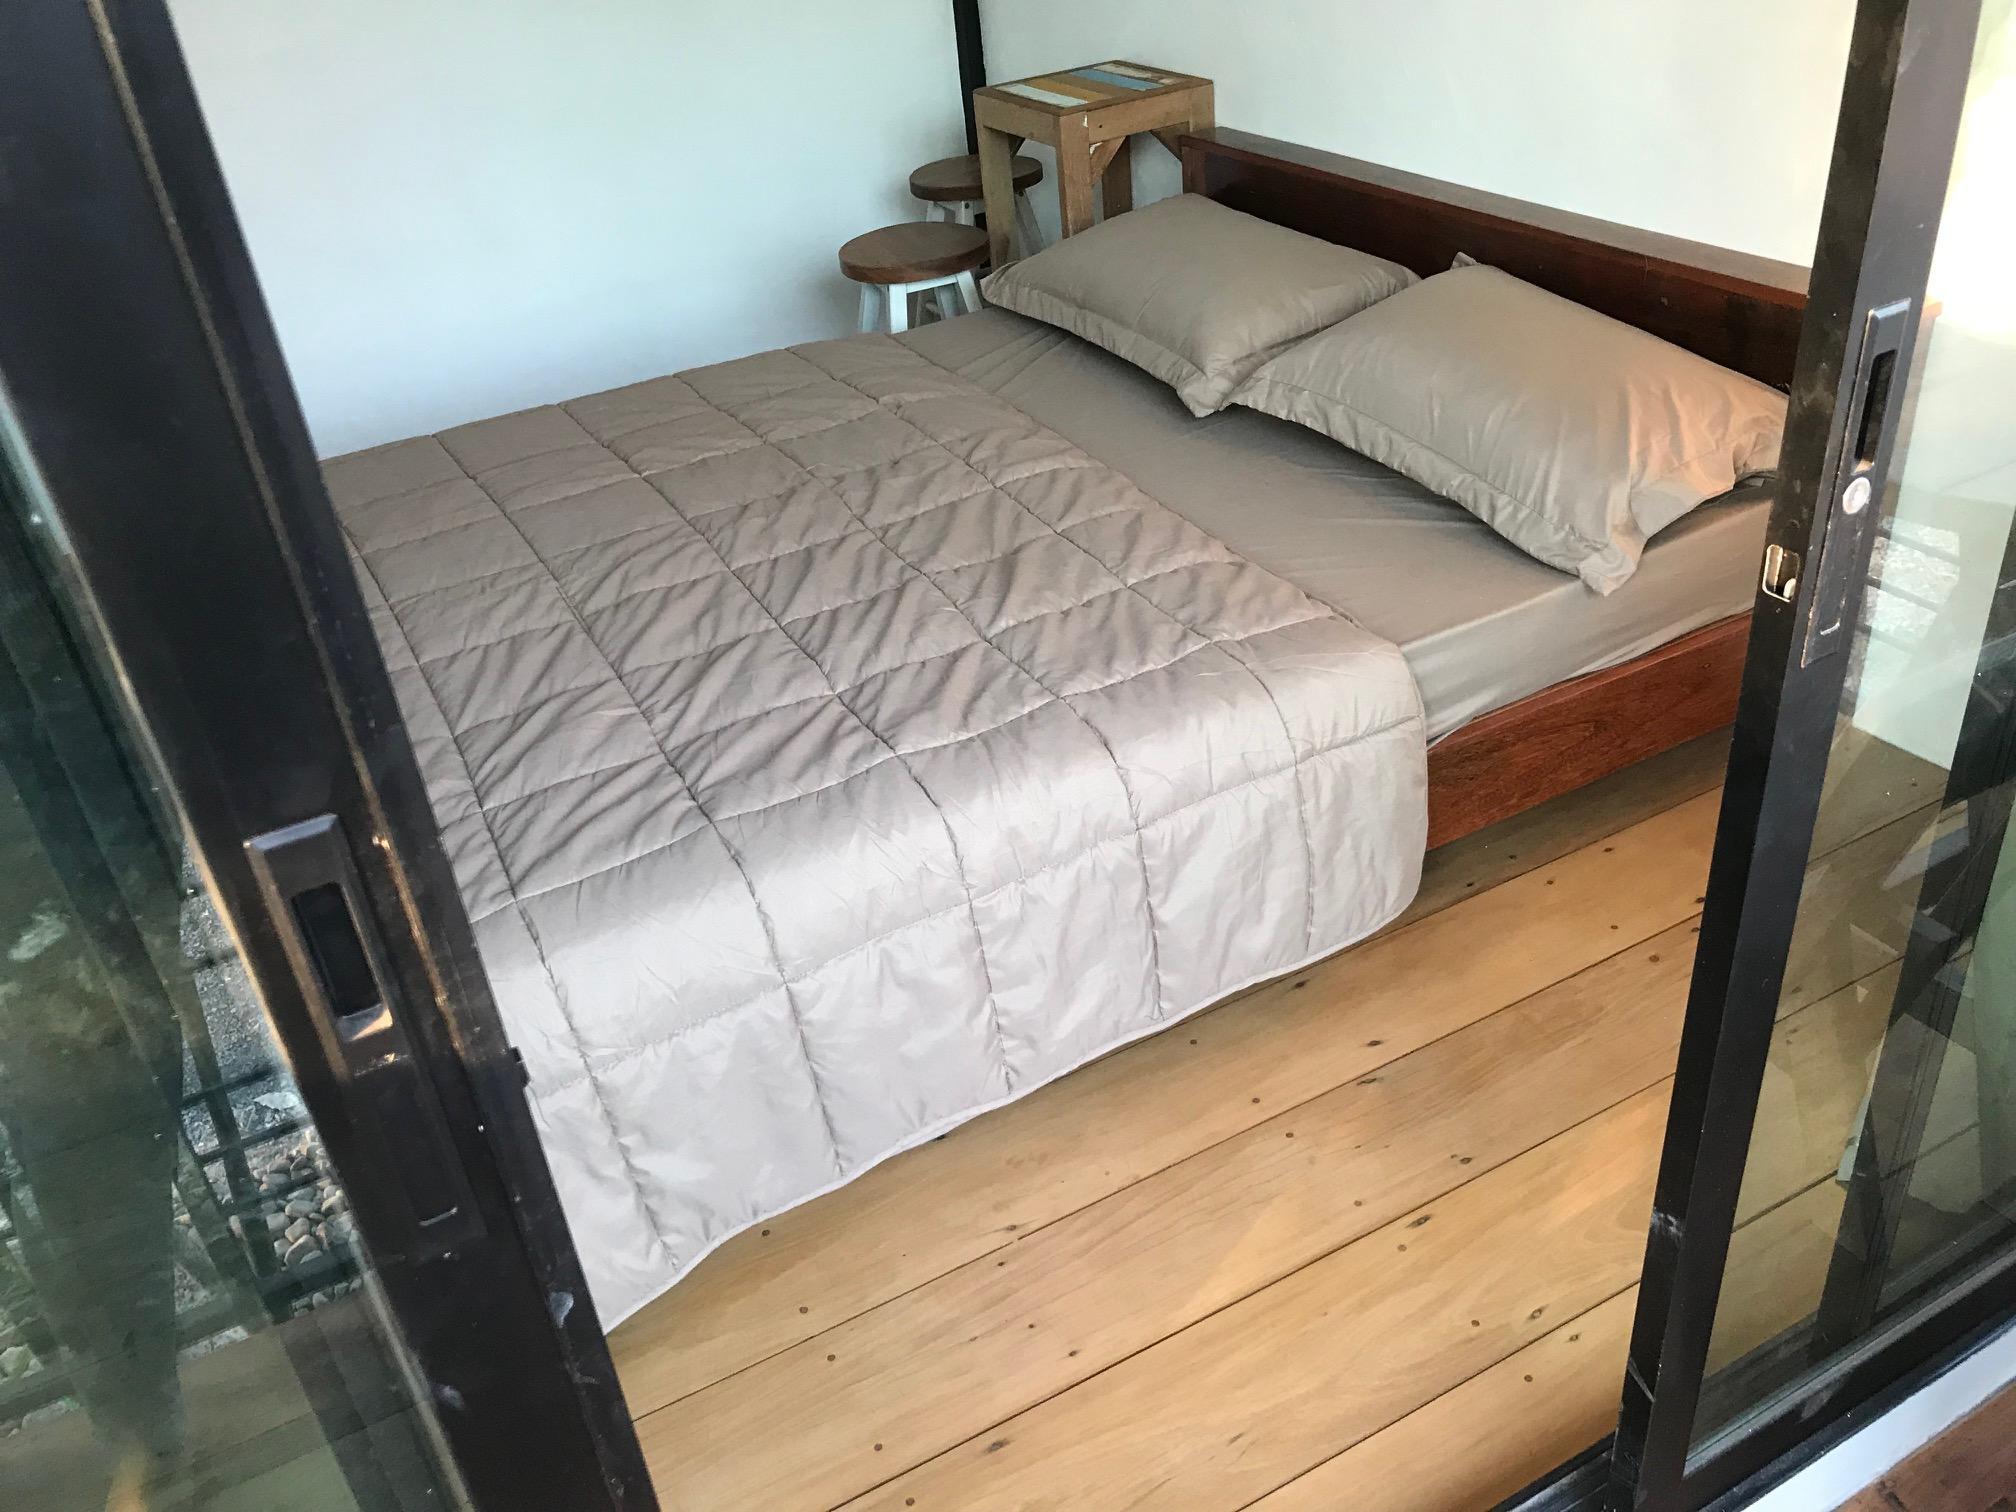 Sangkaset Resort(1) บ้านเดี่ยว 2 ห้องนอน 1 ห้องน้ำส่วนตัว ขนาด 45 ตร.ม. – ซิตี้เซ็นเตอร์